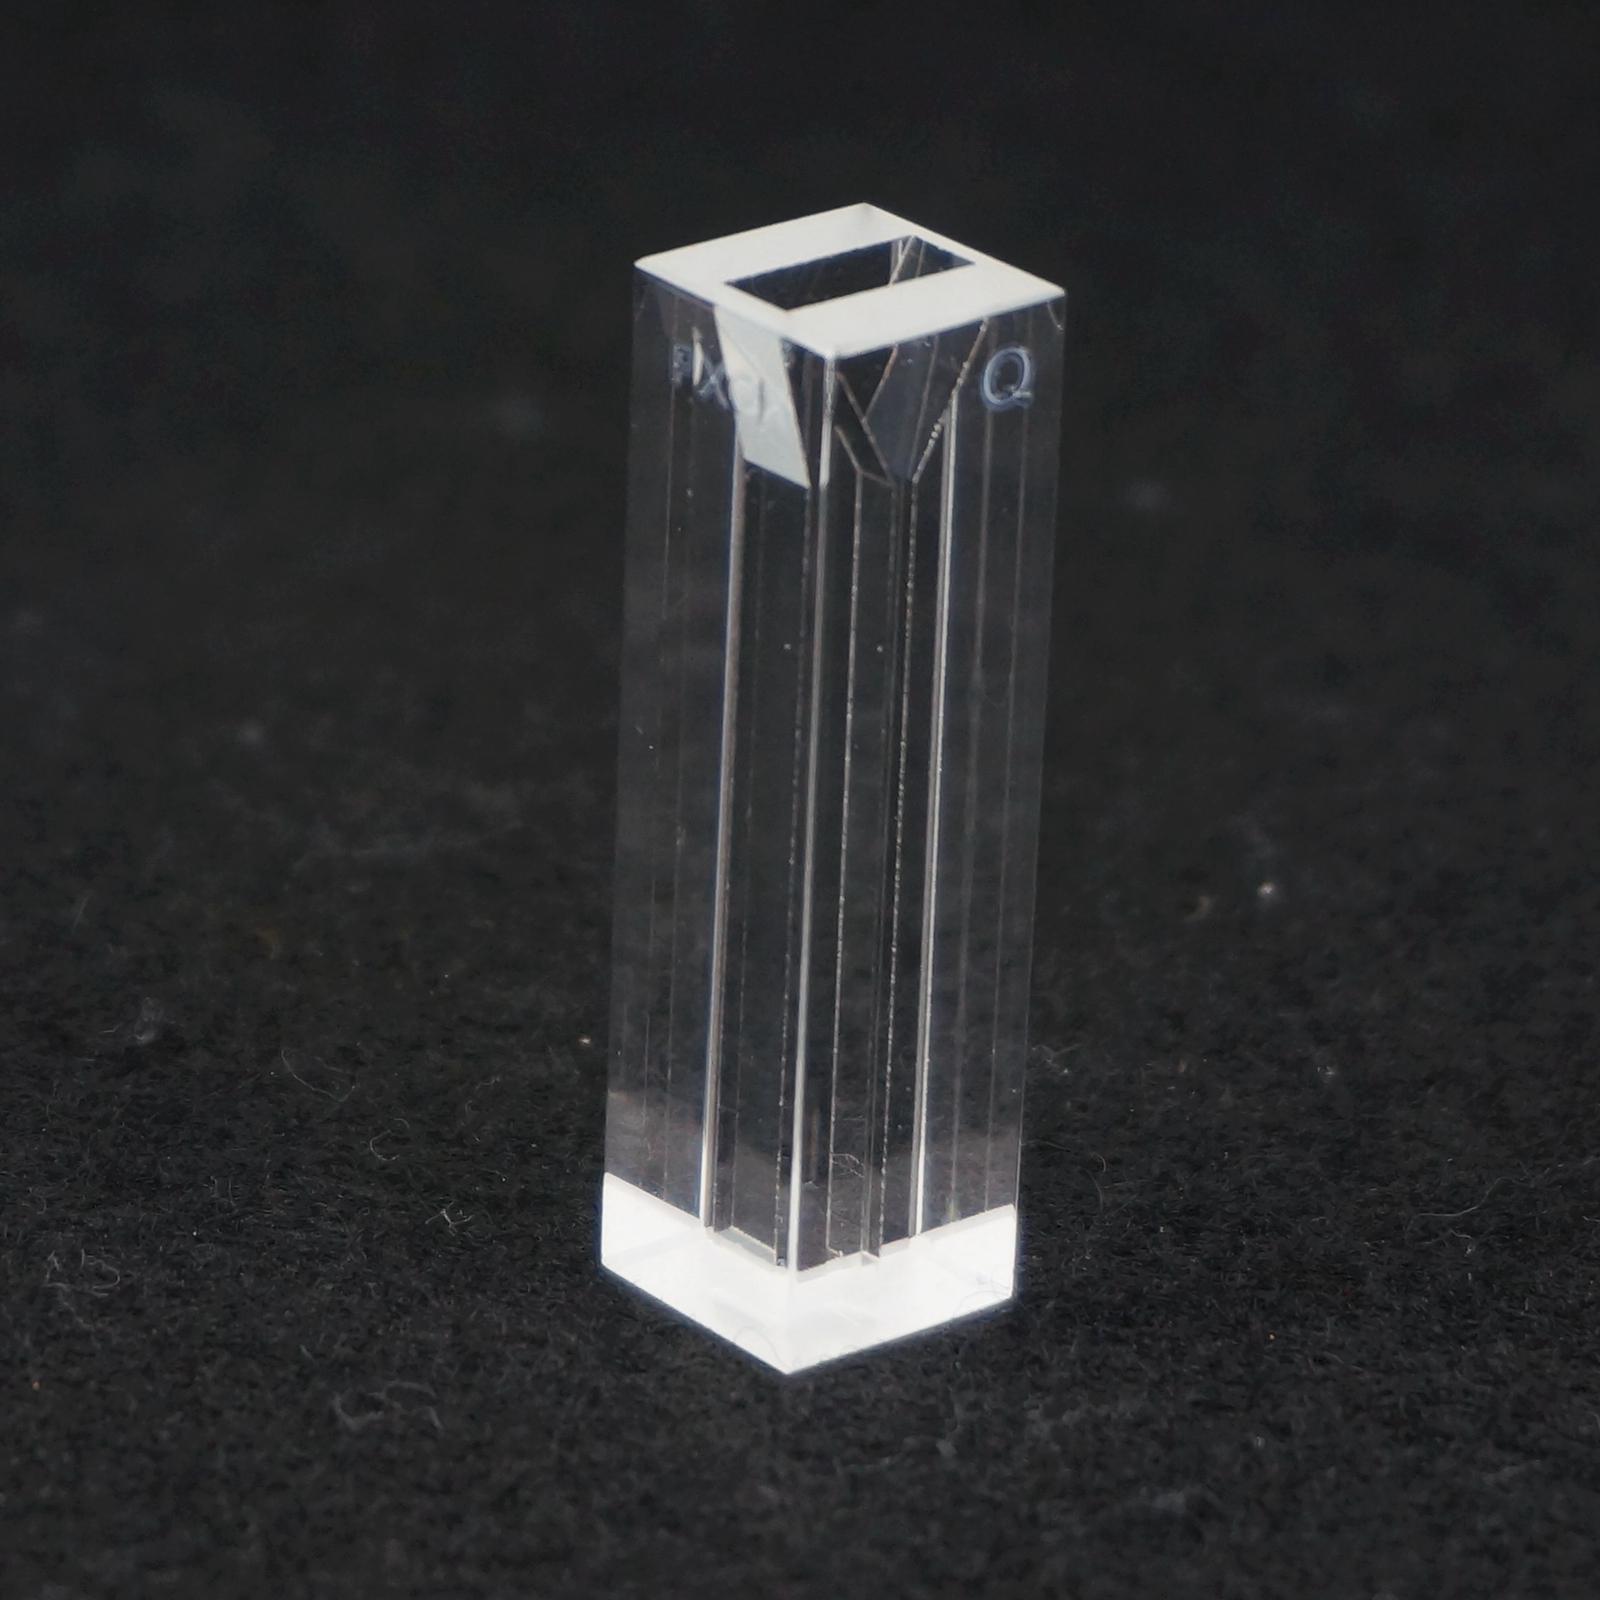 140ul 1X4mm Path Micro Fluorescence Quartz Cuvette Cell